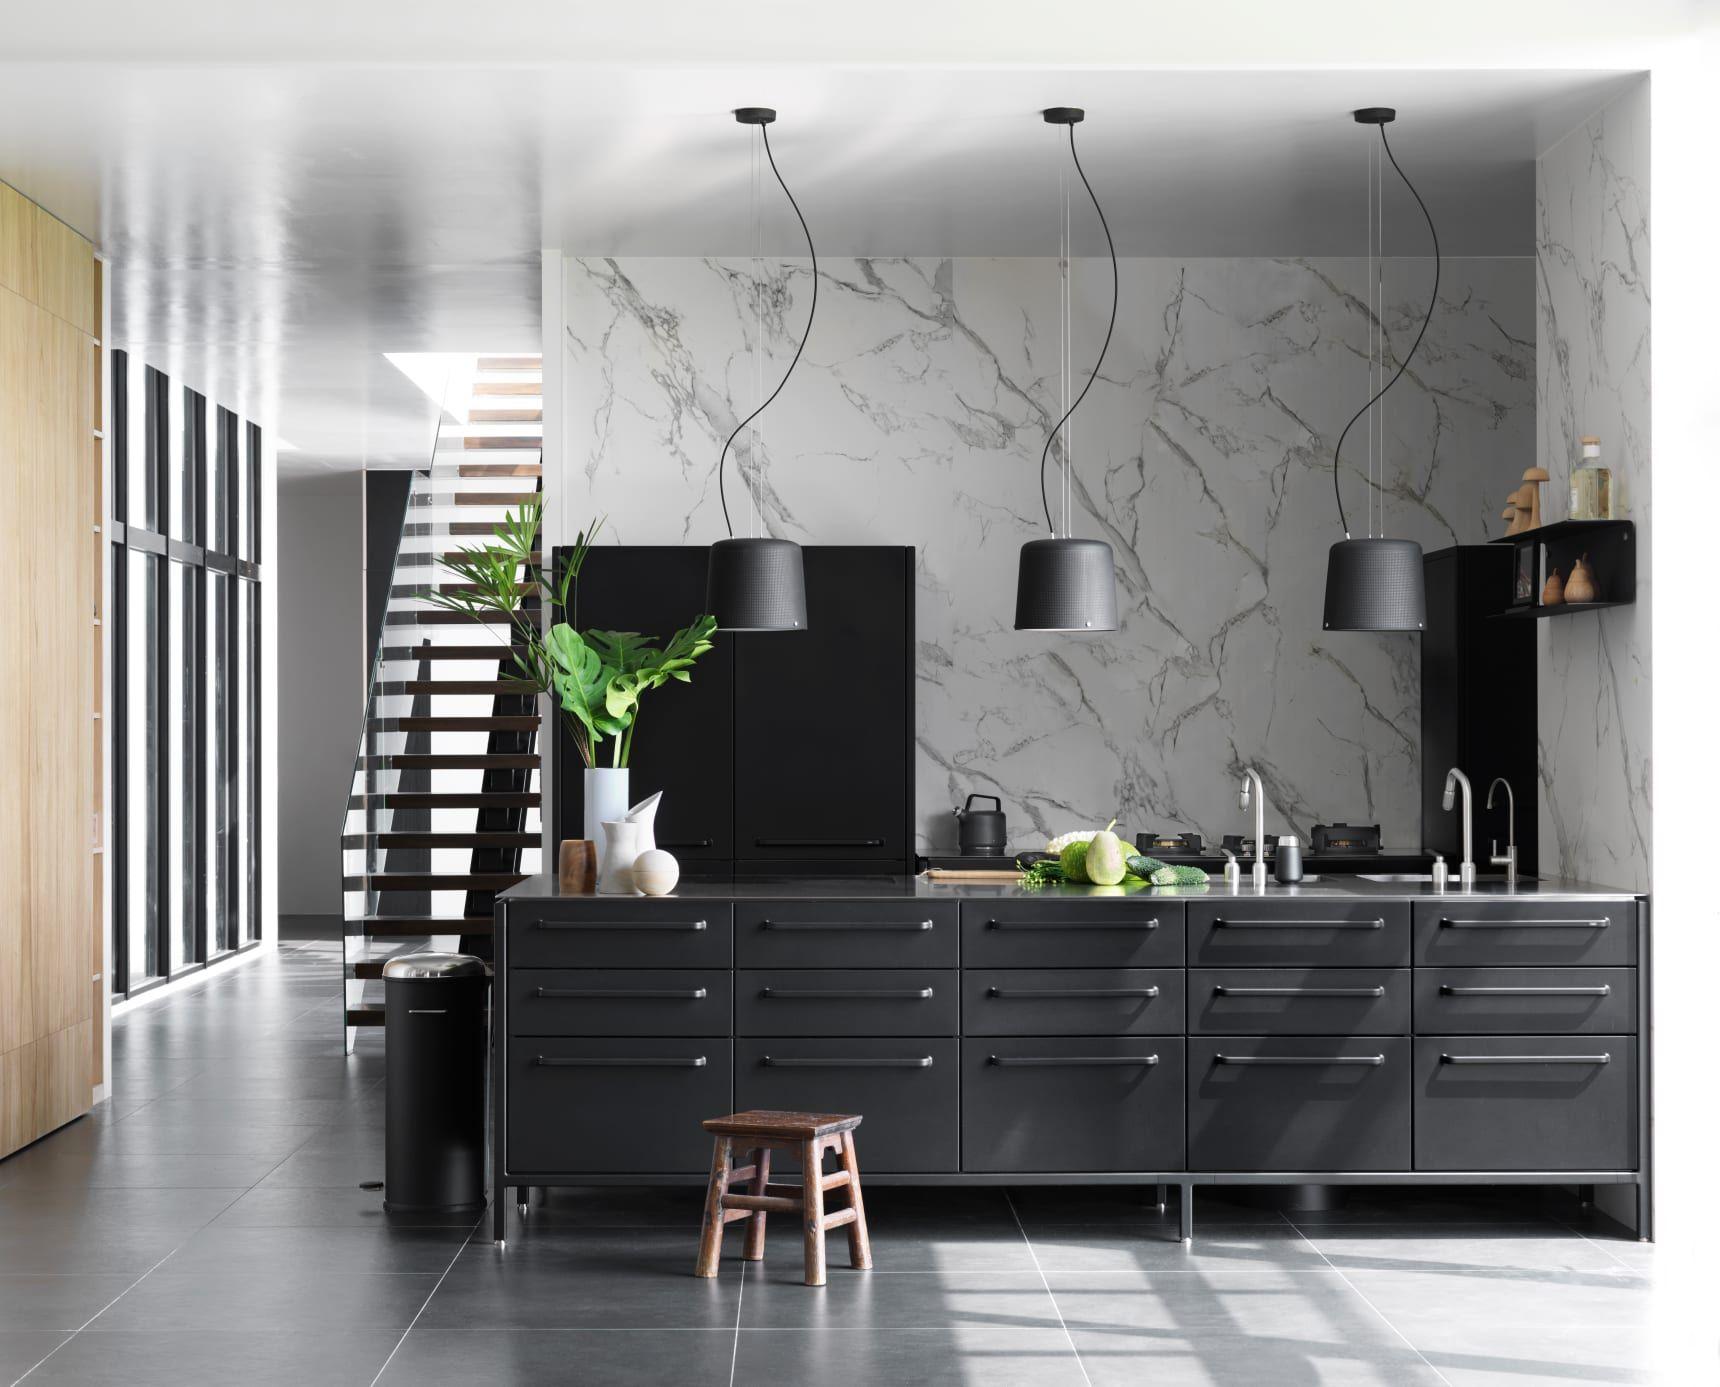 Full Size of Modulküchen Kchen Design Inspirationen So Knnte Deine Nchste Kche Wohnzimmer Modulküchen